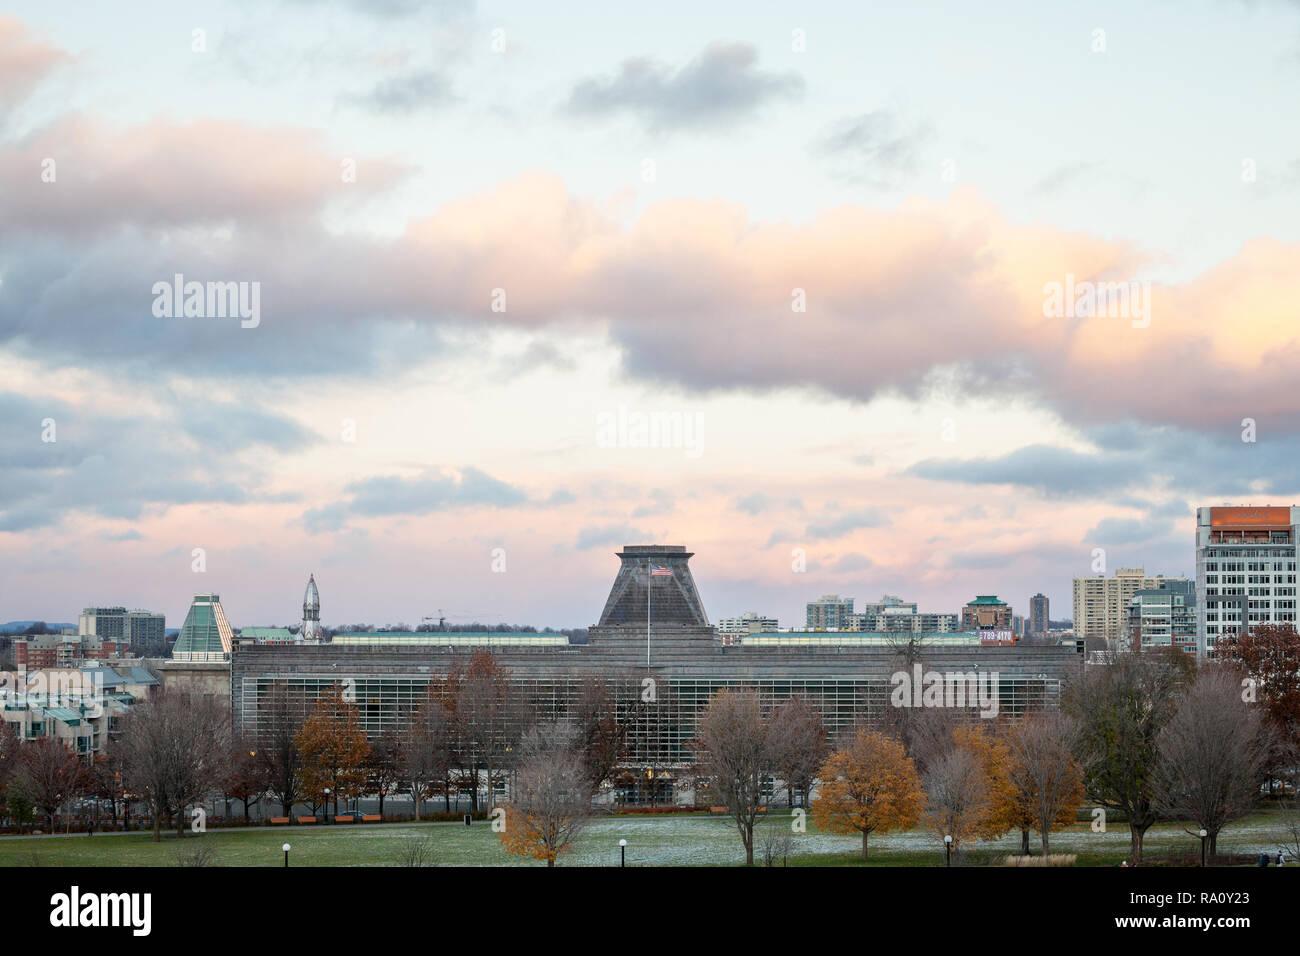 OTTAWA, Canada - 10 novembre 2018: bandiera americana rinuncia oltre gli Stati Uniti d'America ambasciata a Ottawa, un simbolo delle relazioni diplomatiche essere Immagini Stock